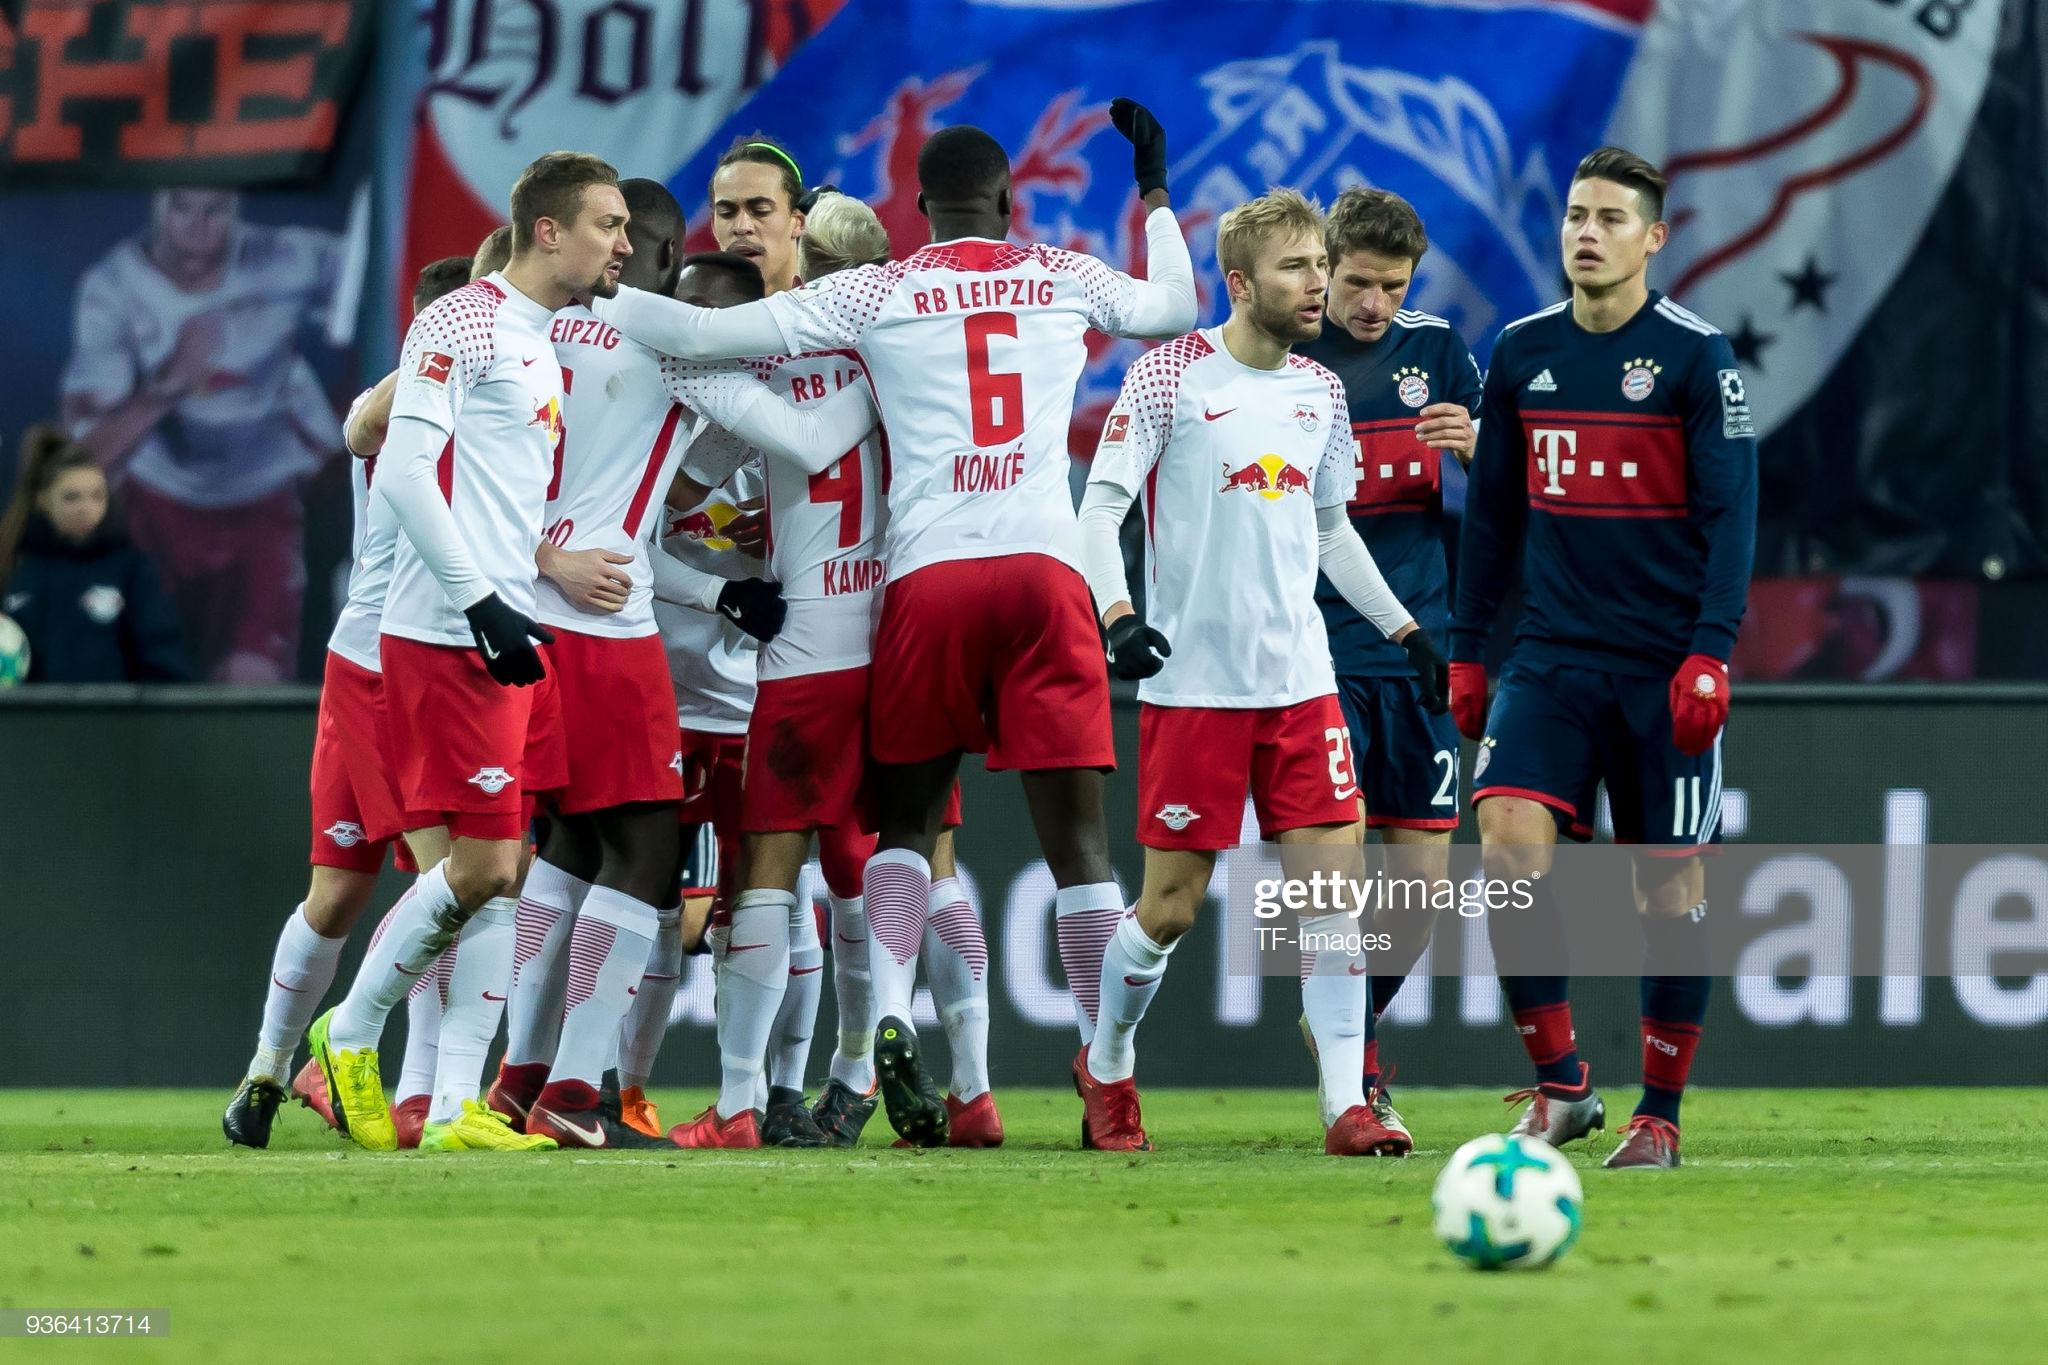 A única vitória do RB Leipzig sobre o Bayern até hoje, deu-se em março de 2018. Naquela oportunidade, os Touros venceram os bávaros por 2 a 1, na Red Bull Arena, pela 27ª rodada da Bundesliga 2017/18.